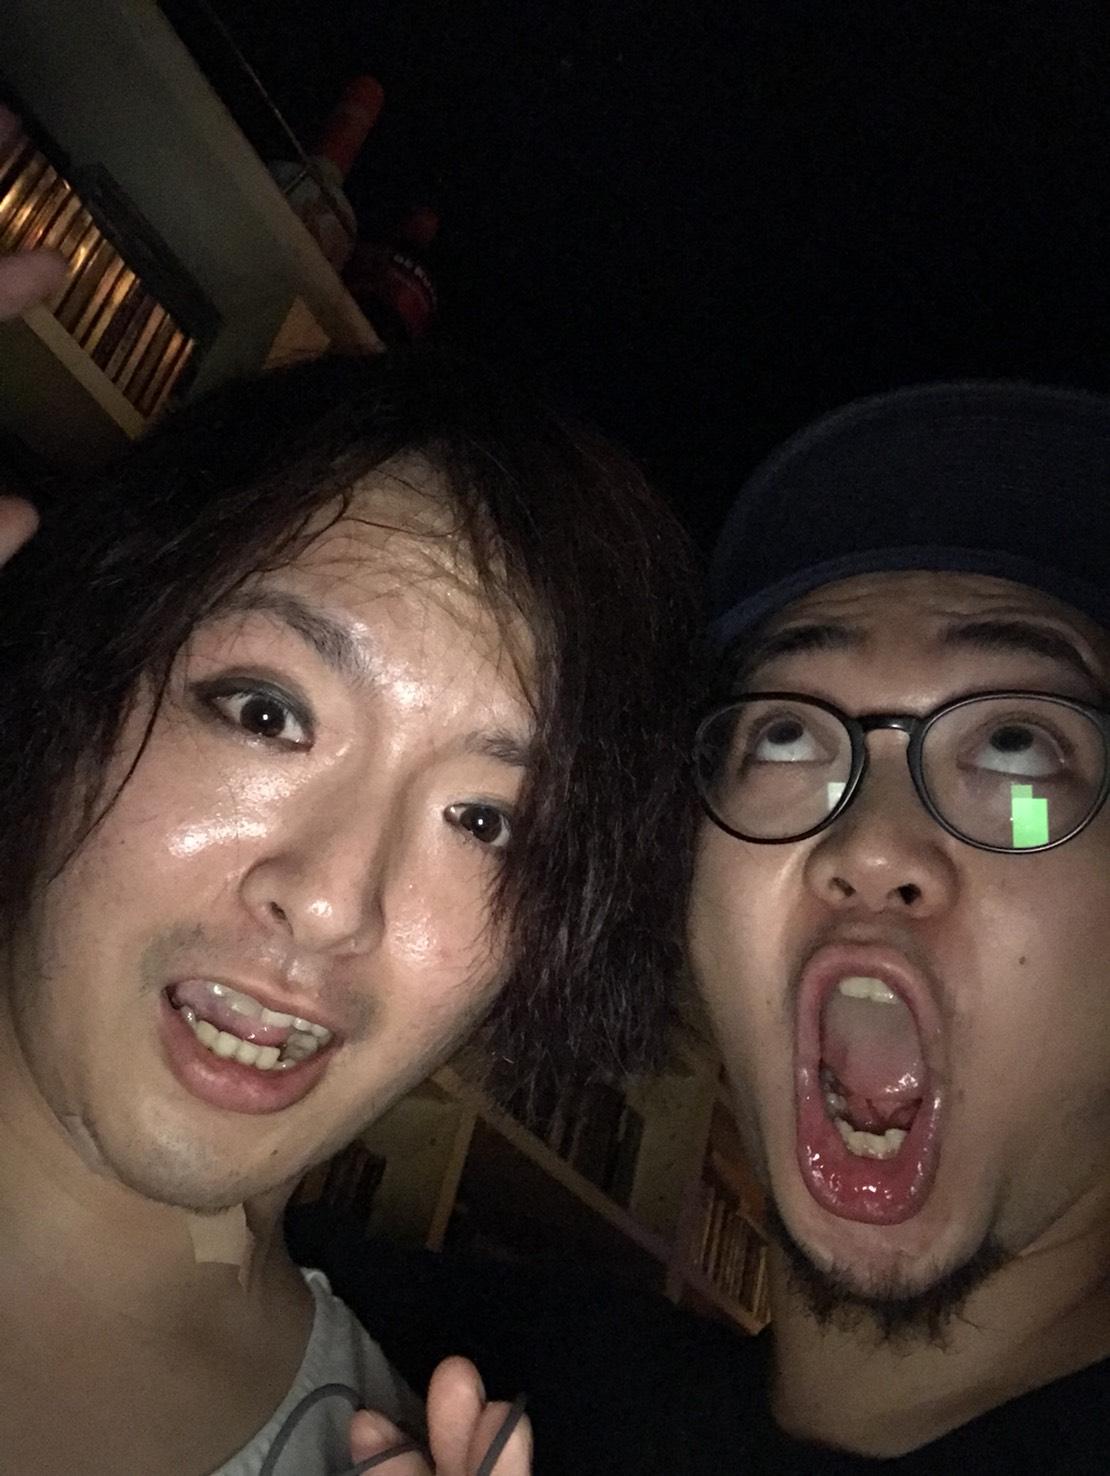 https://bar-rockaholic.jp/shibuya/blog/S__4497418.jpg